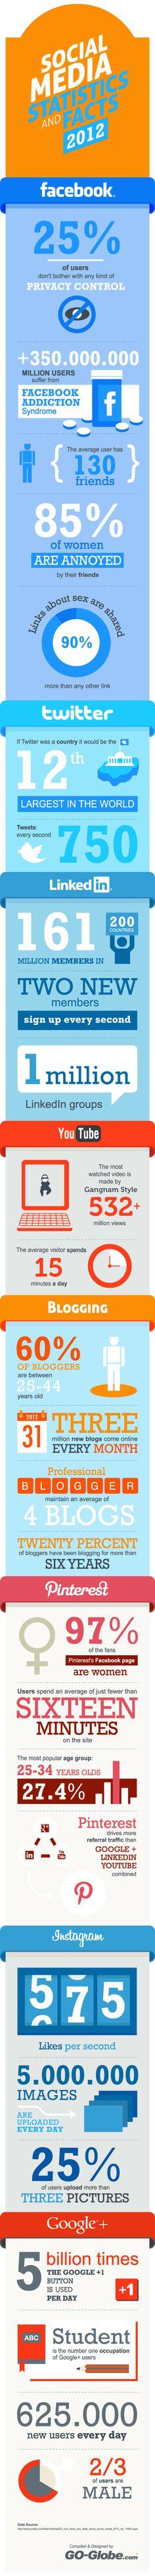 Anecdotes et statistiques sur les réseaux sociaux en 2012